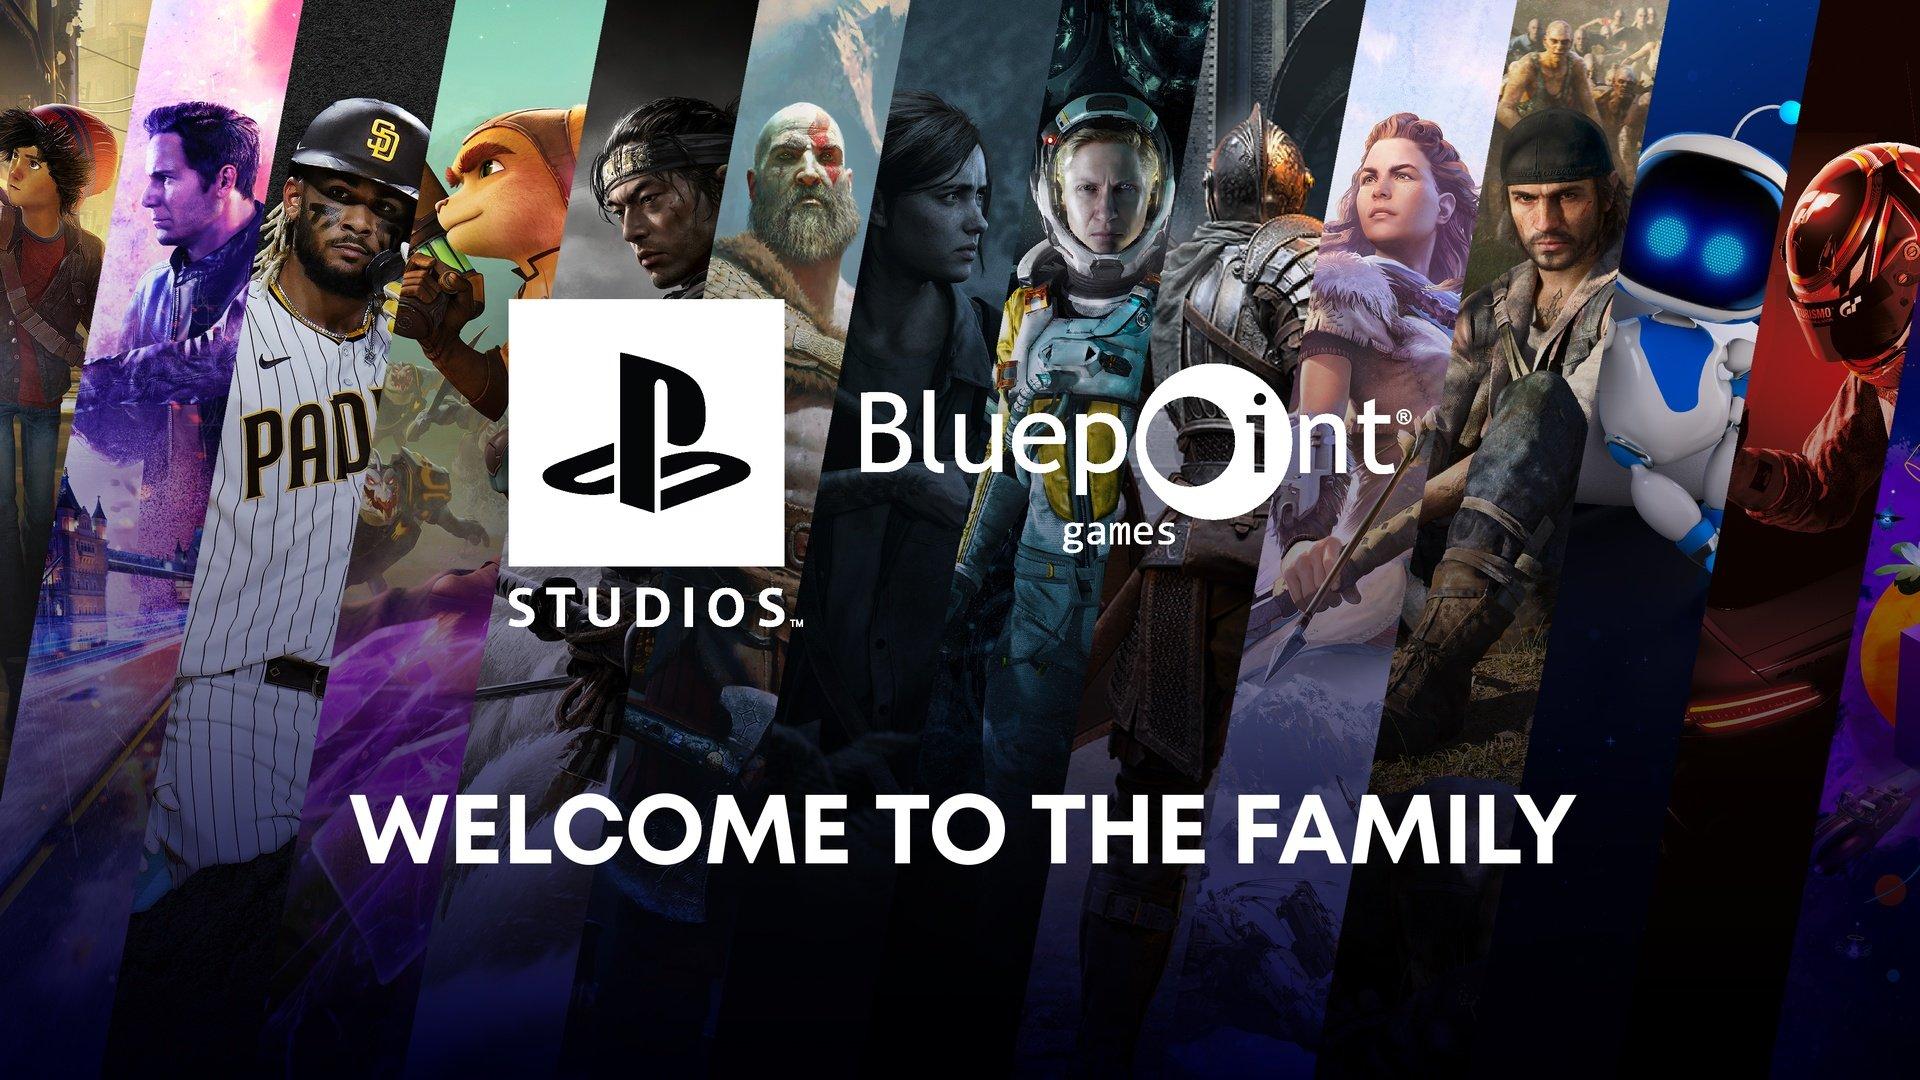 SIE Acquires Bluepoint 06 29 21